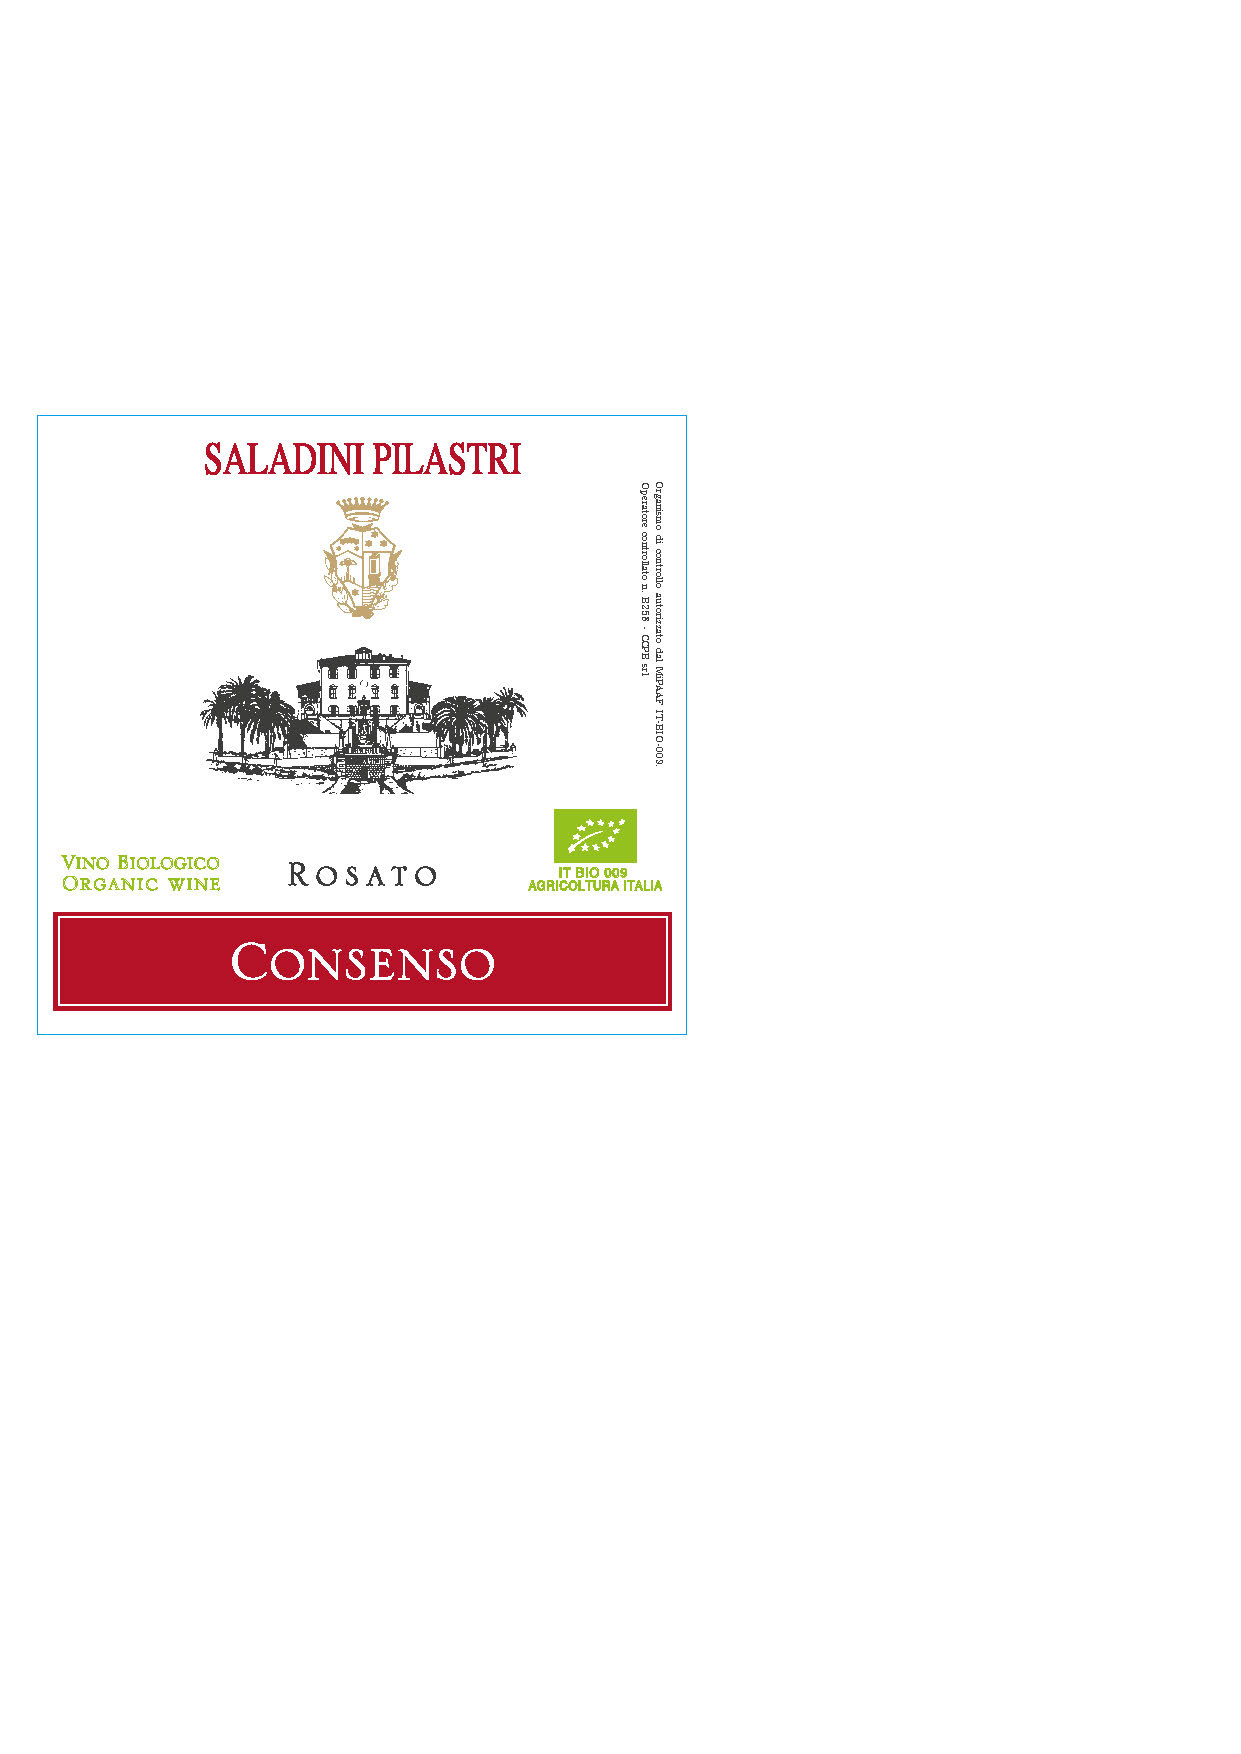 Saladini Pilastri, Rosato Consenso, 2019